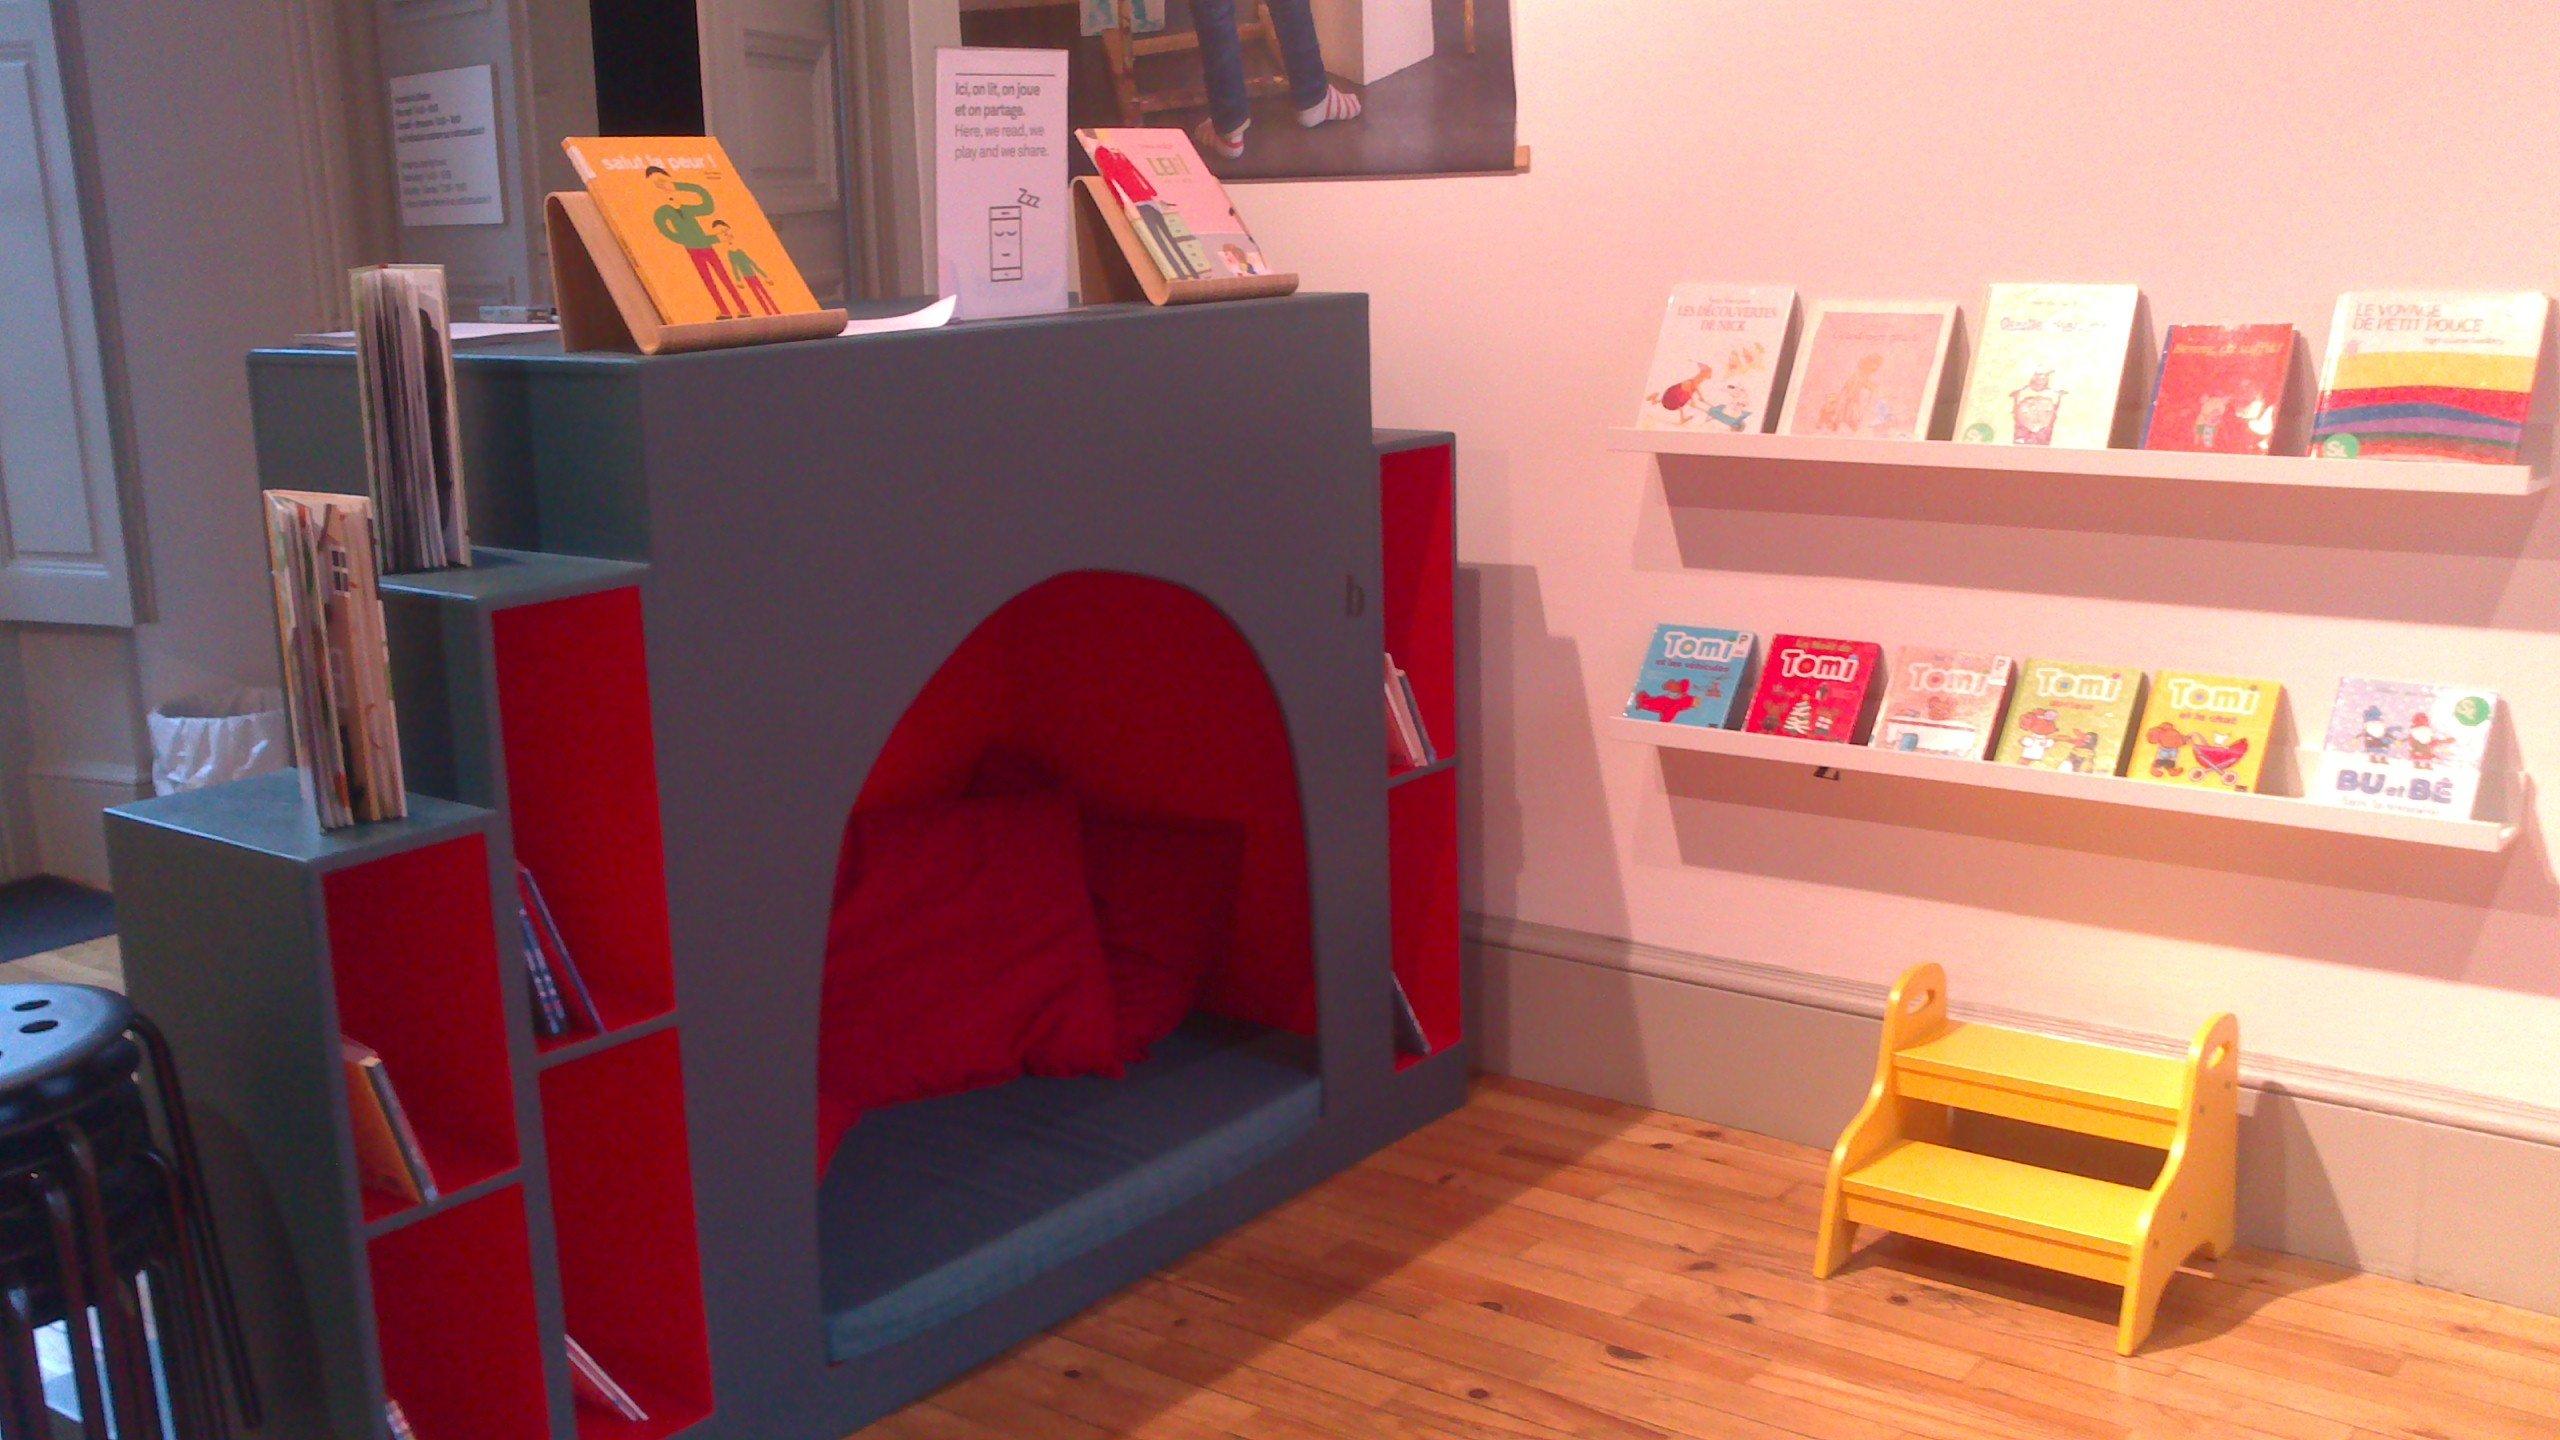 vue intérieure de la bibliothèque (Institut culturel suédois de Paris)